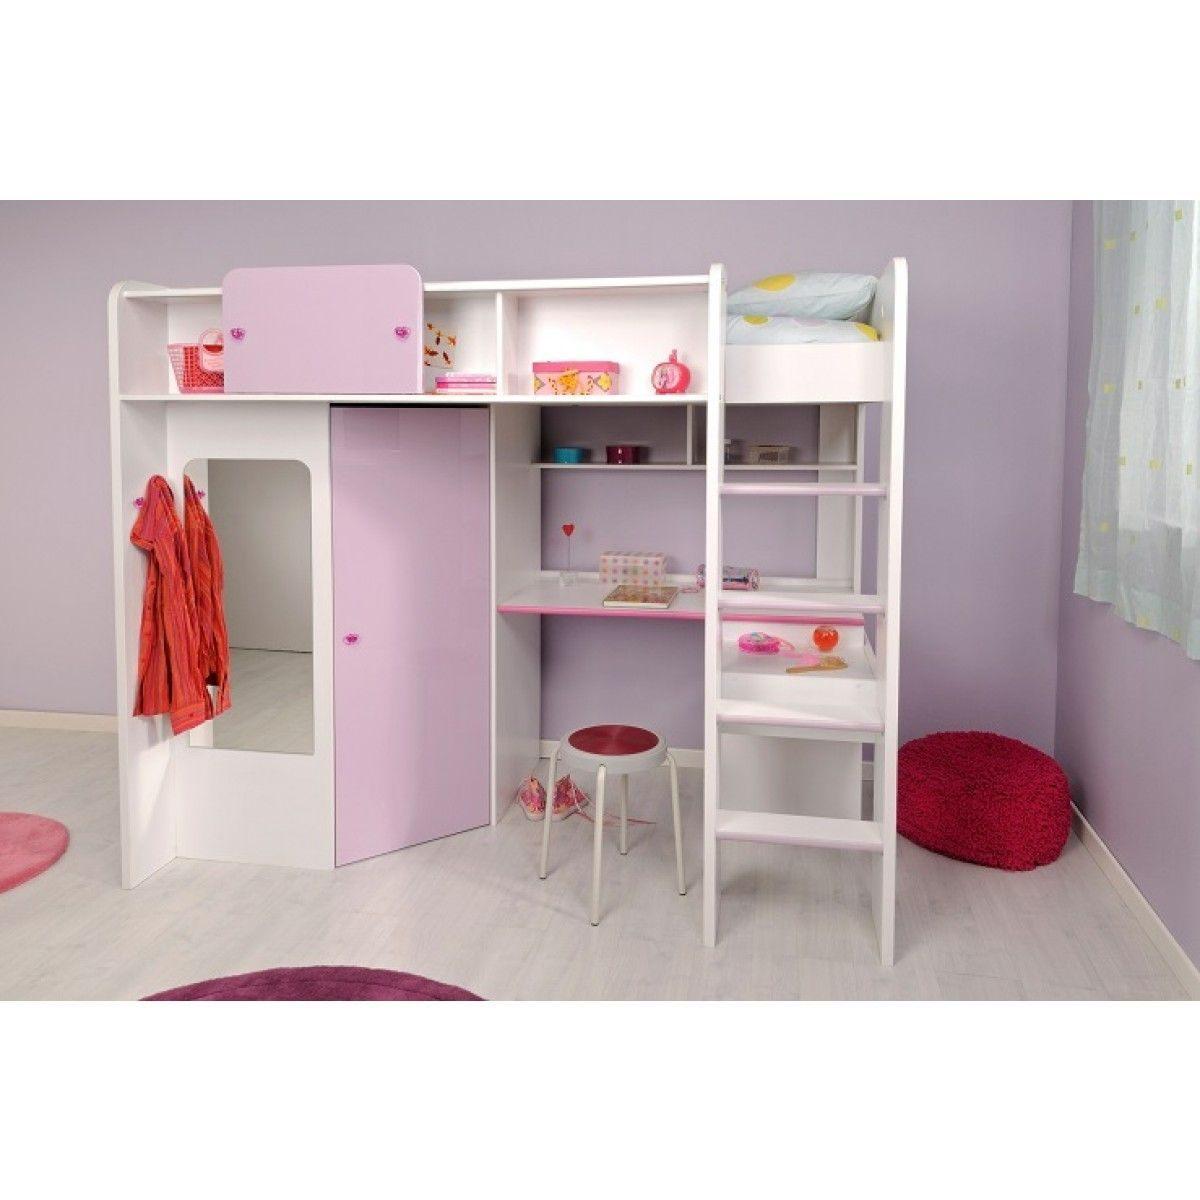 Lit Mezzanine 90x200 en bois MDF revªtu de papier décor blanc meg¨ve